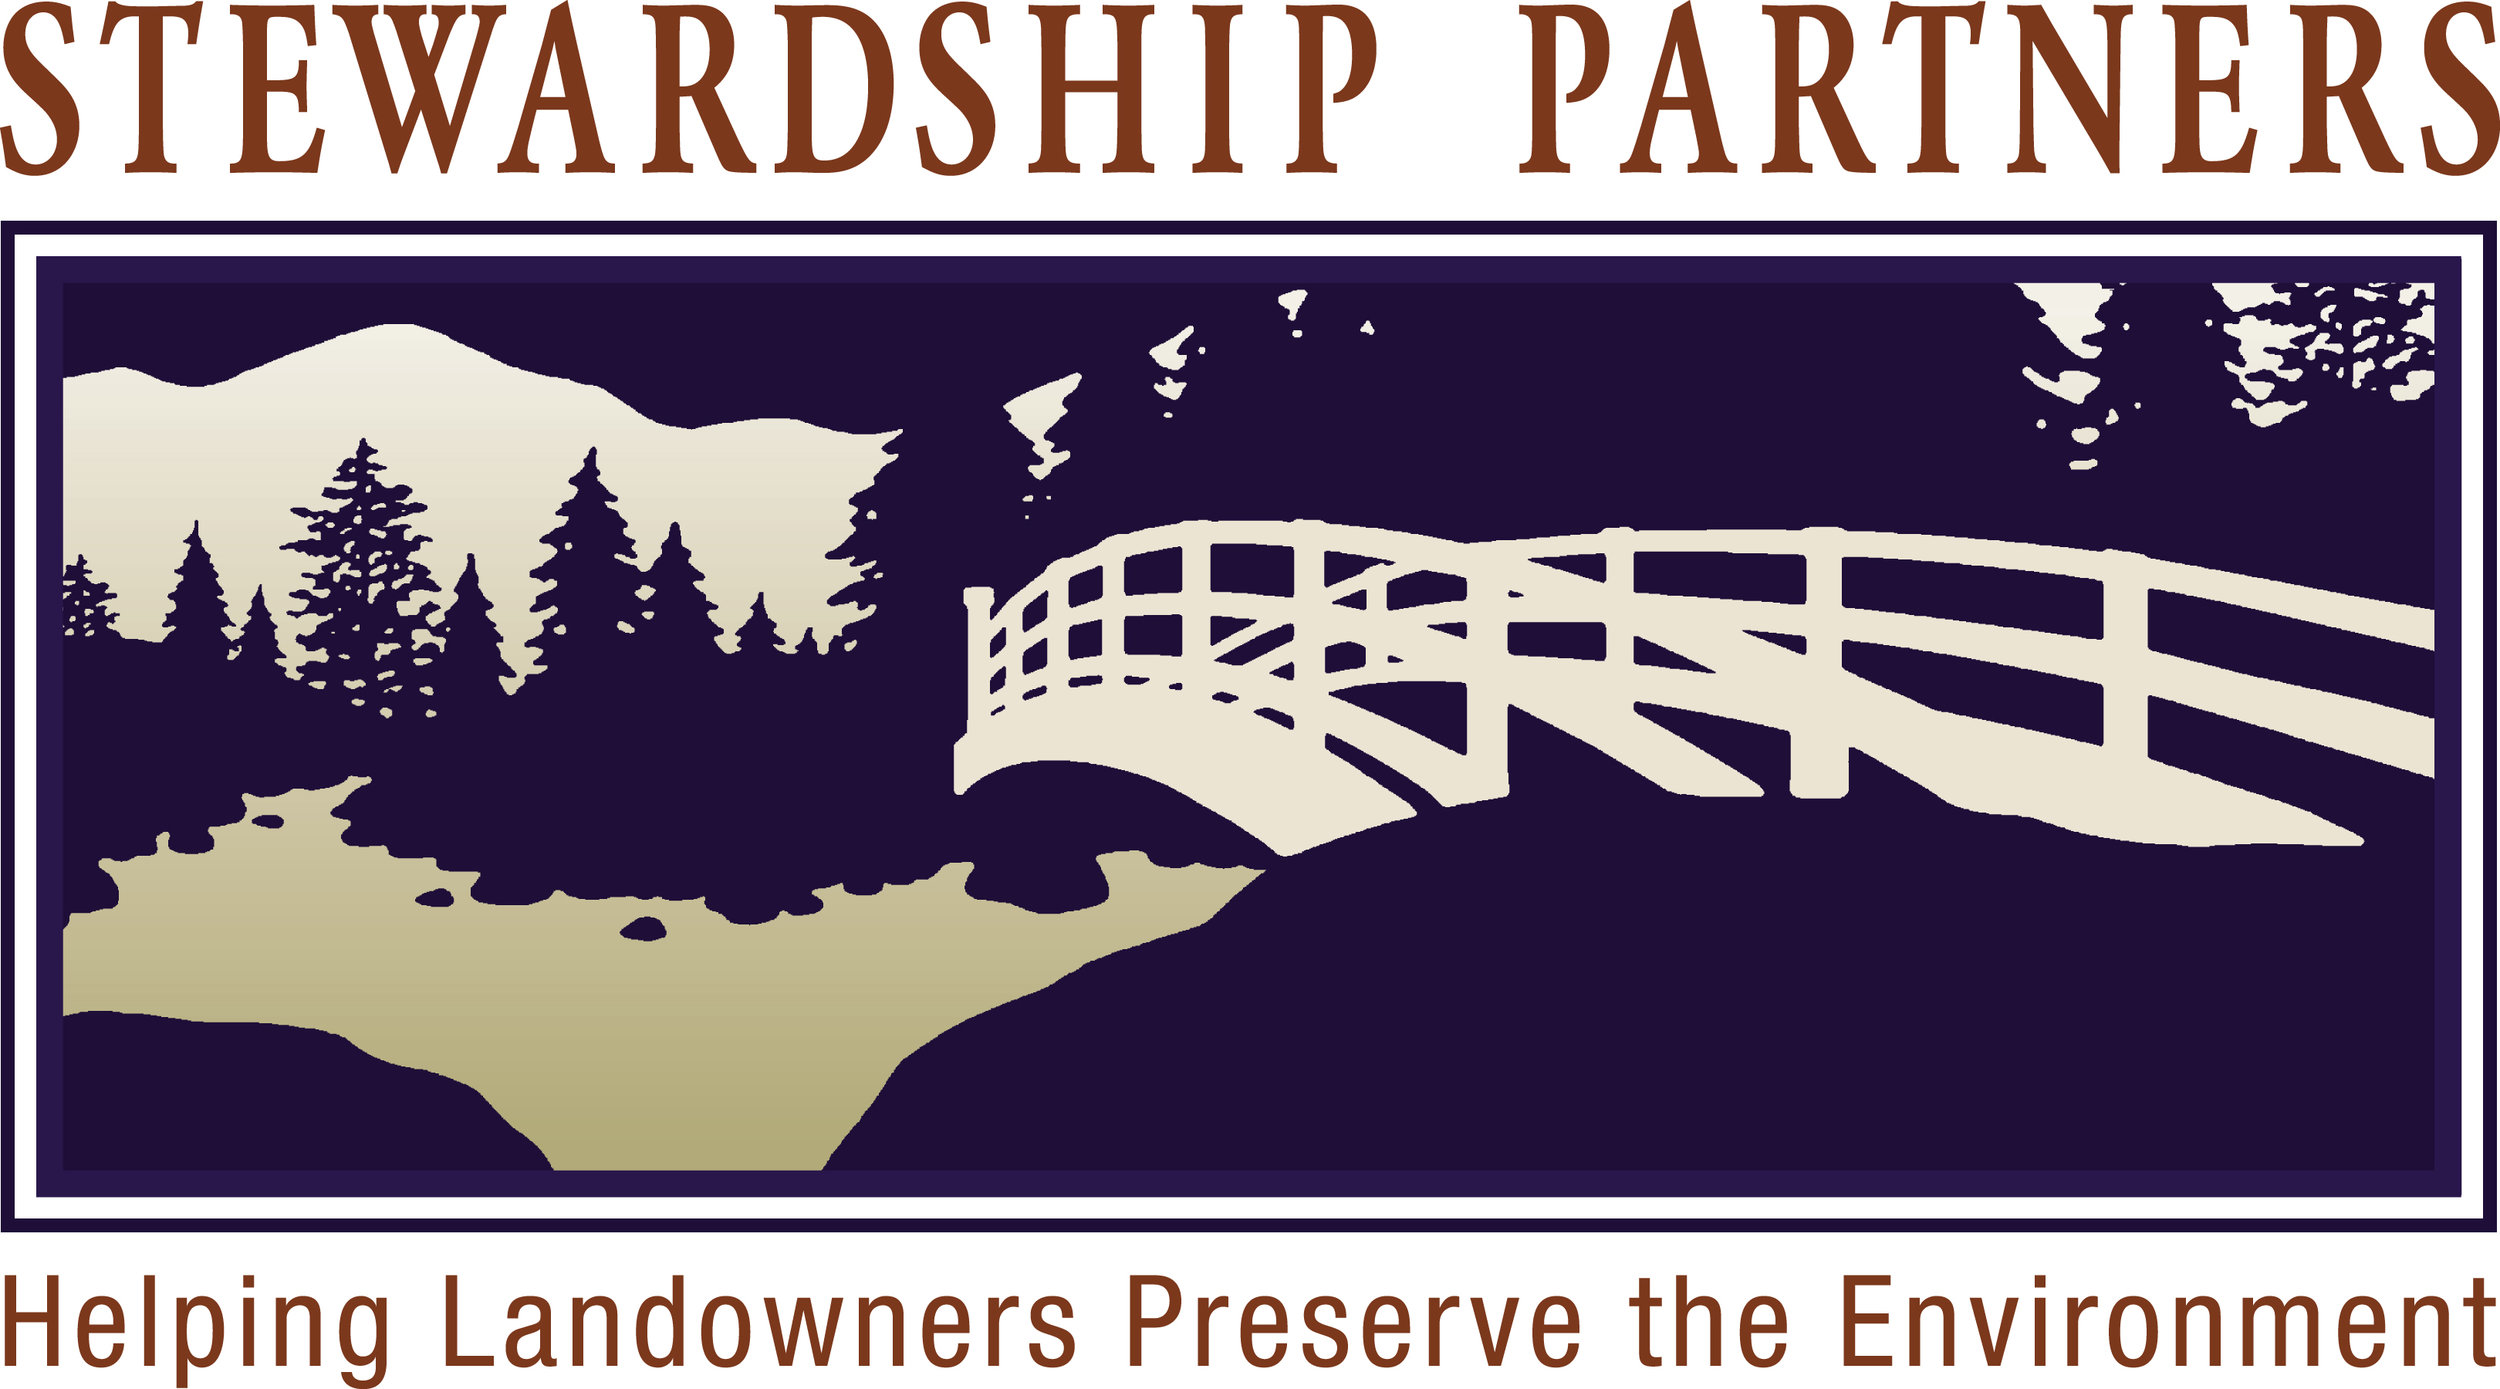 stewardship-partners-logo.jpg